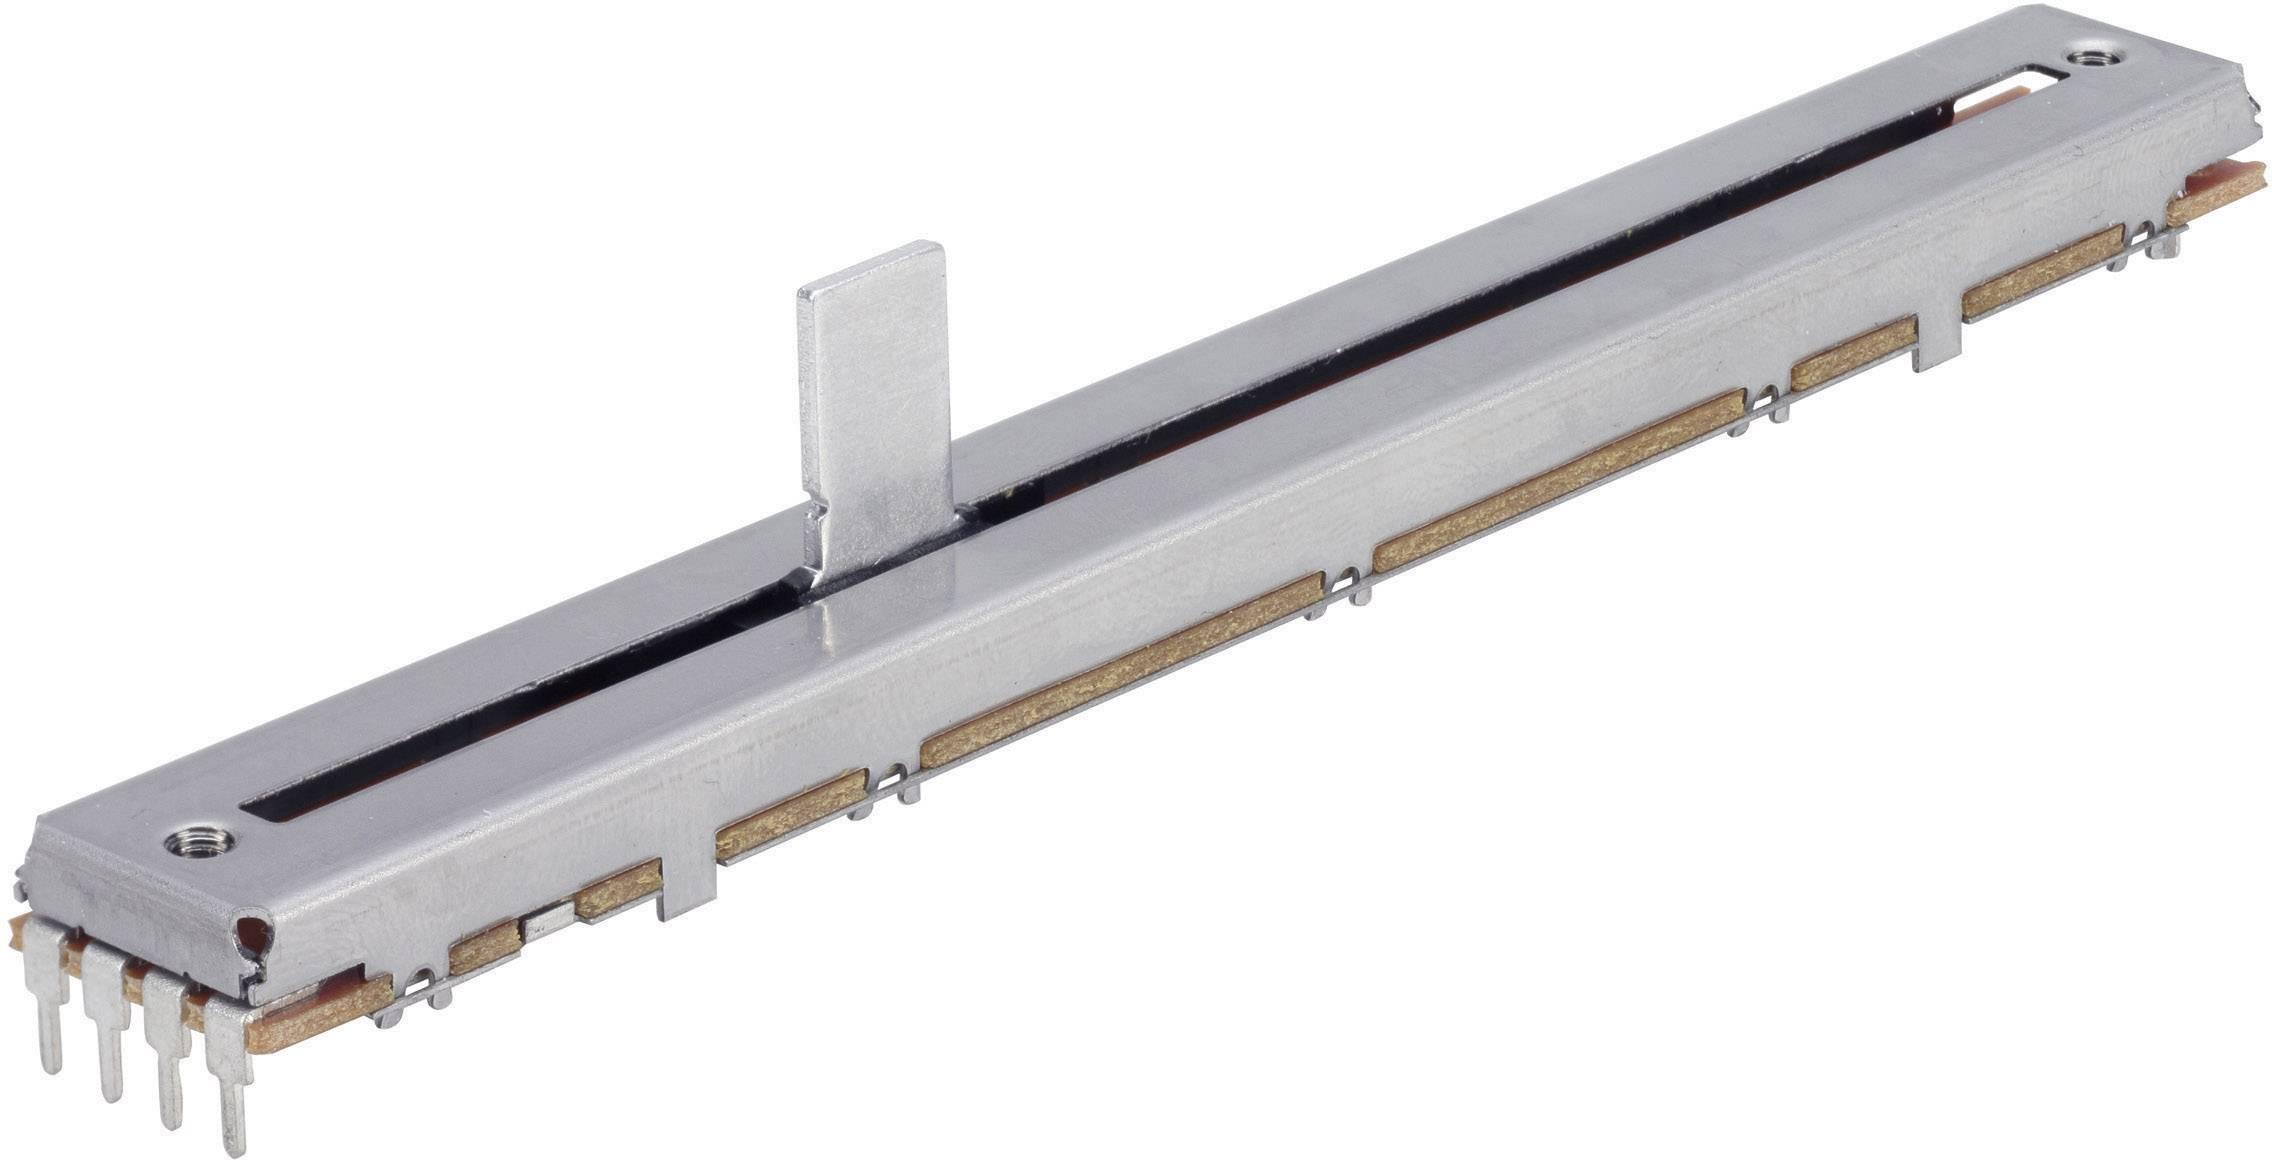 Potenciometr posuvný TT Electro, 4111905315, 100 kΩ, 0,25 W